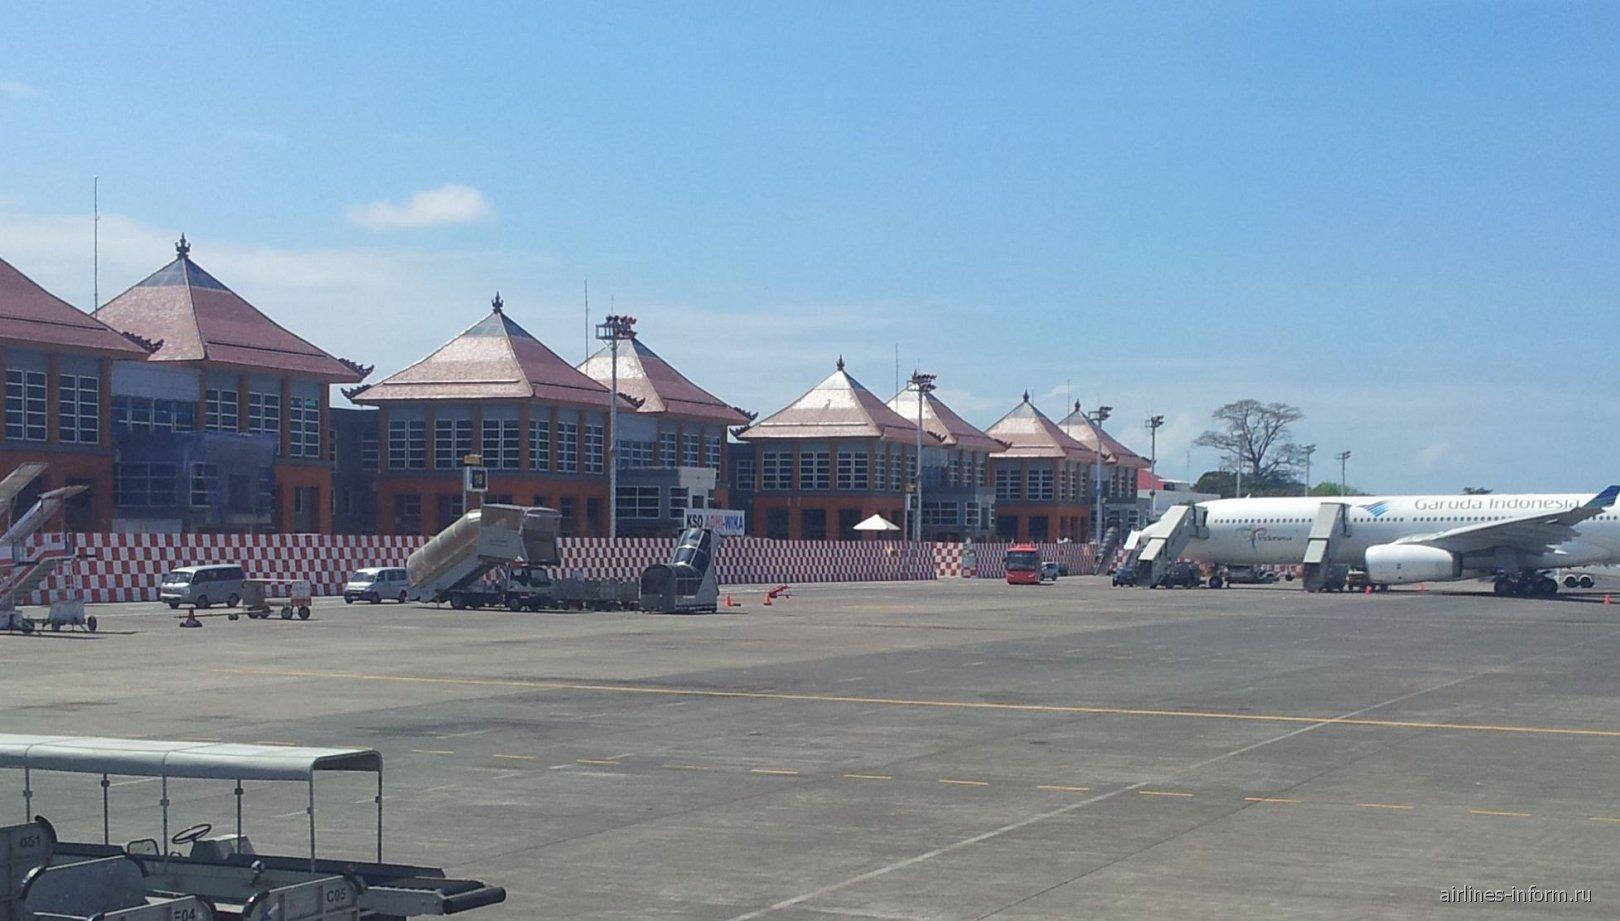 Аэропорт Денпасар Нгура Рай